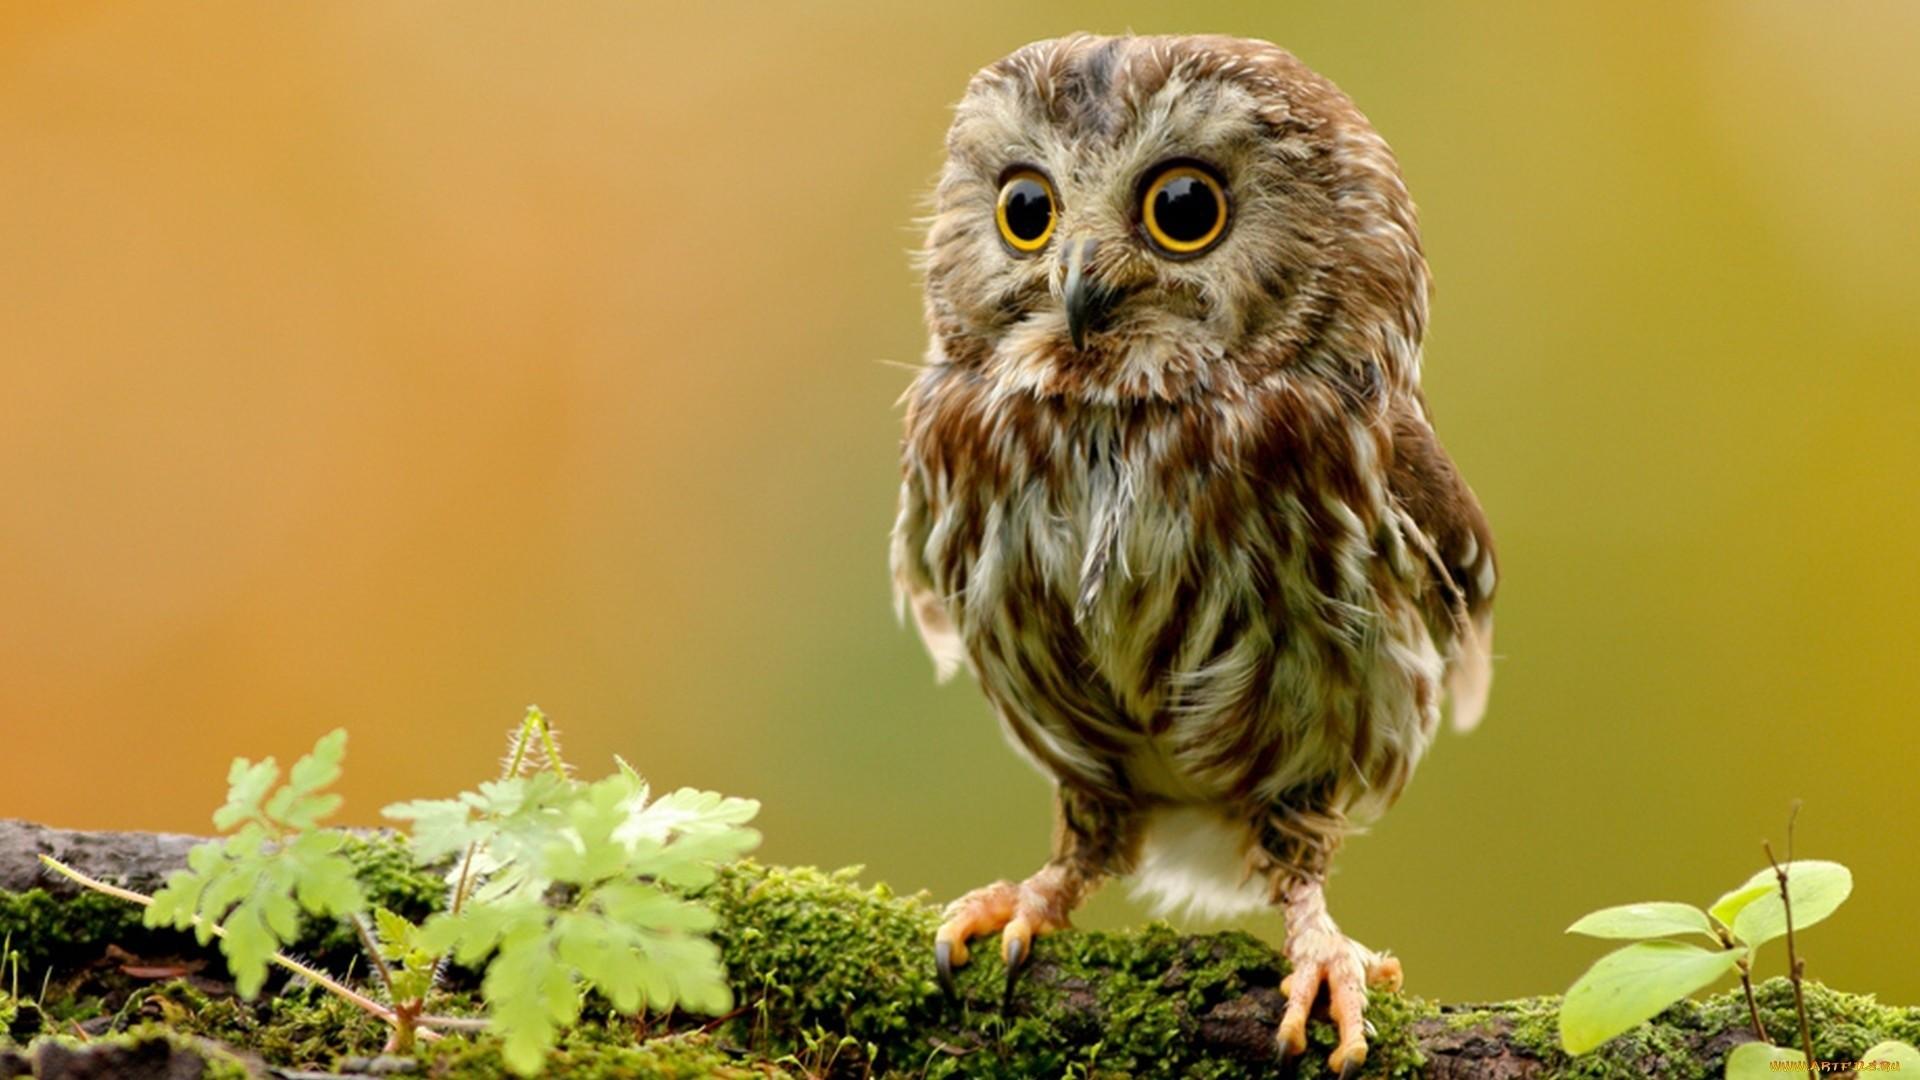 Owl Wallpaper #10 – Resolution:1920*1080